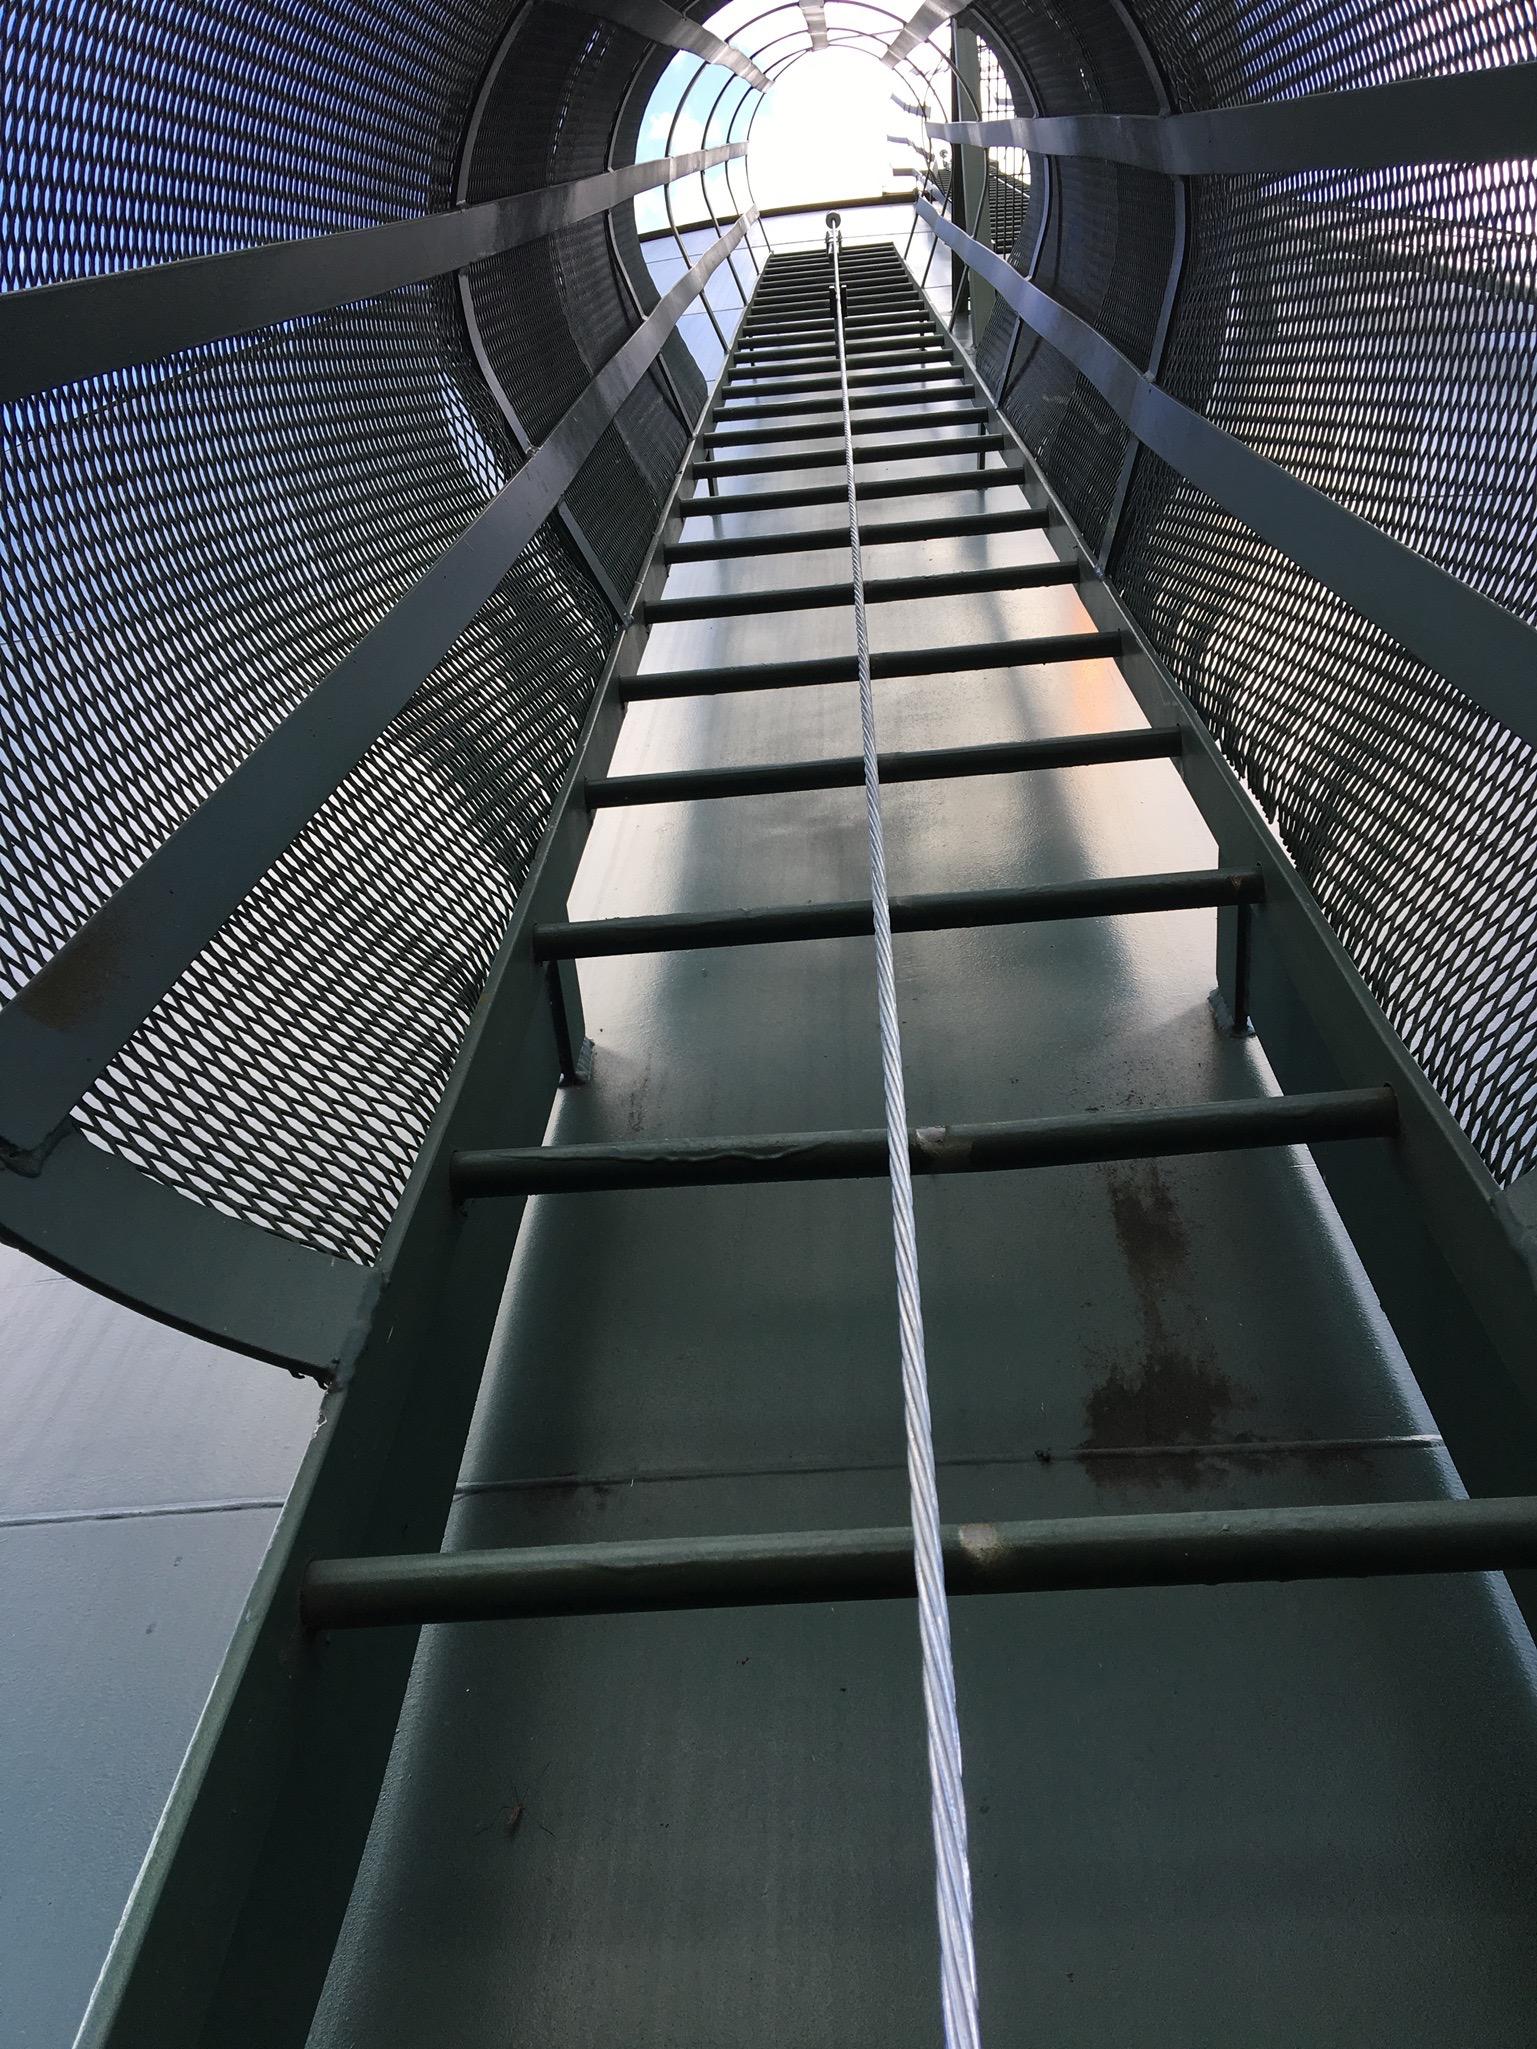 Vertical LAD-SAF system; ladder fall protection